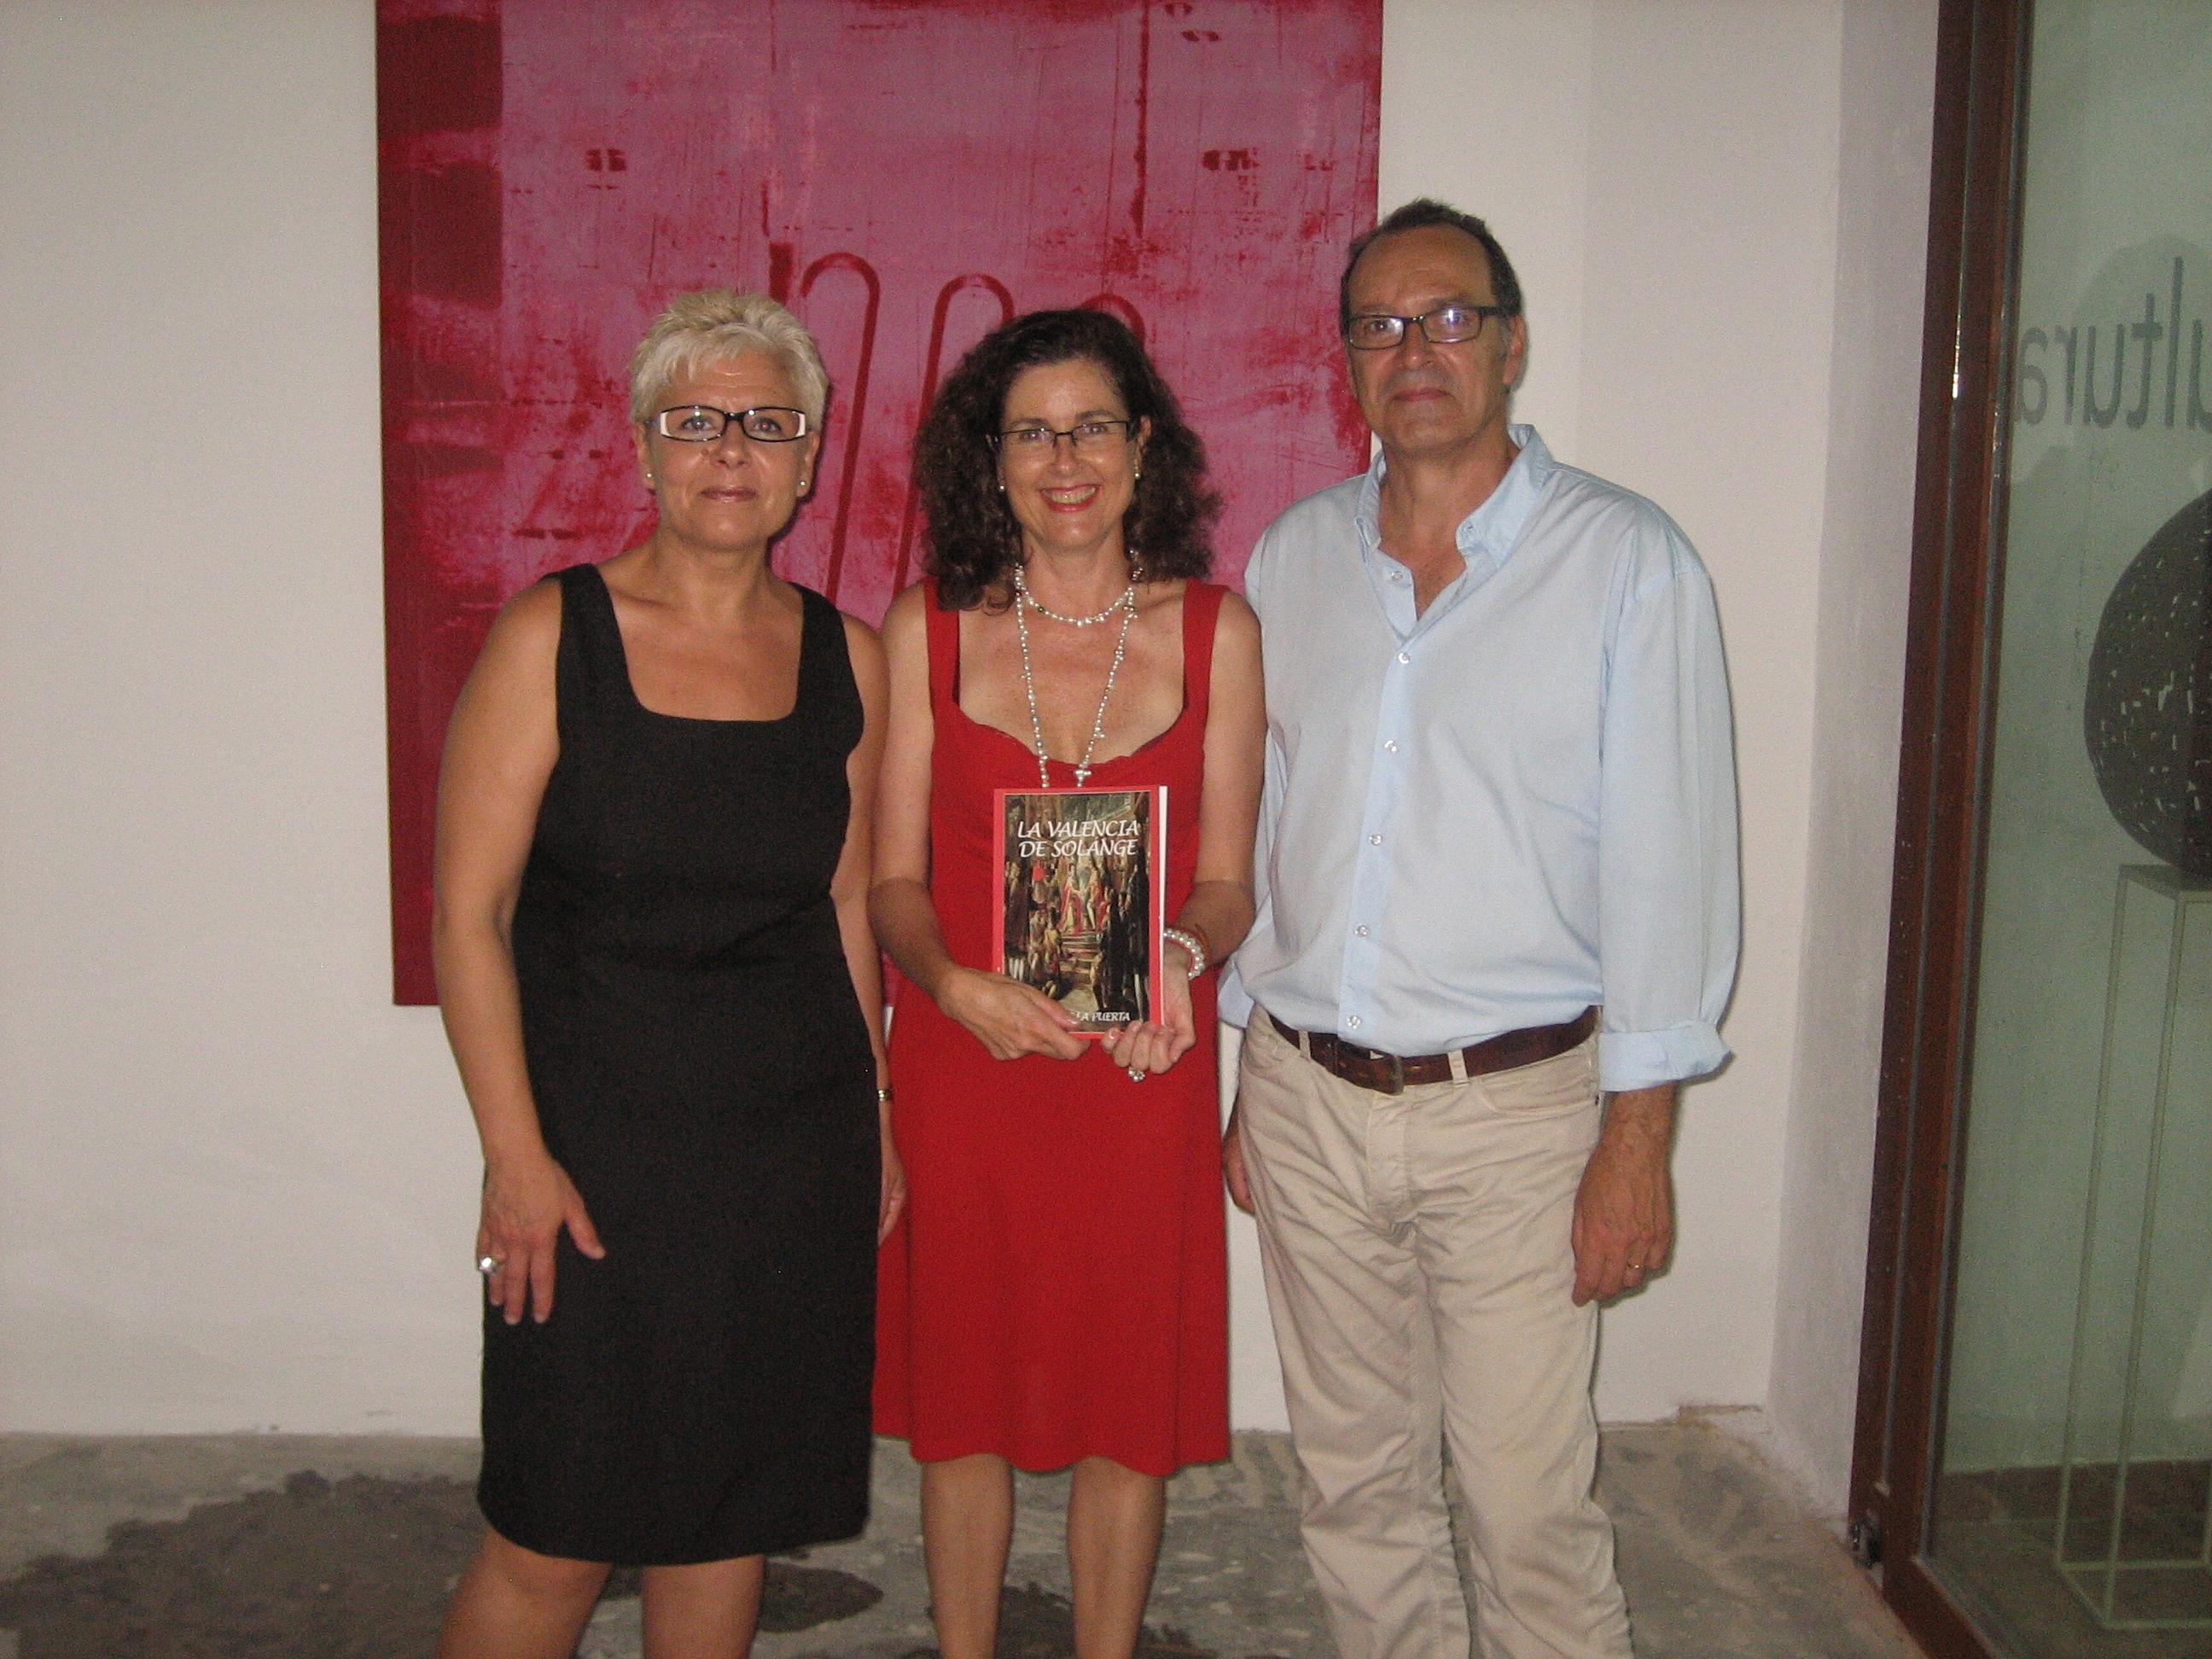 PRESENTACIÓN DE MI NOVEL CON CARMEN MANUEL , VICENTE Y RUTH EL 10 DE JUNIO DE 2012